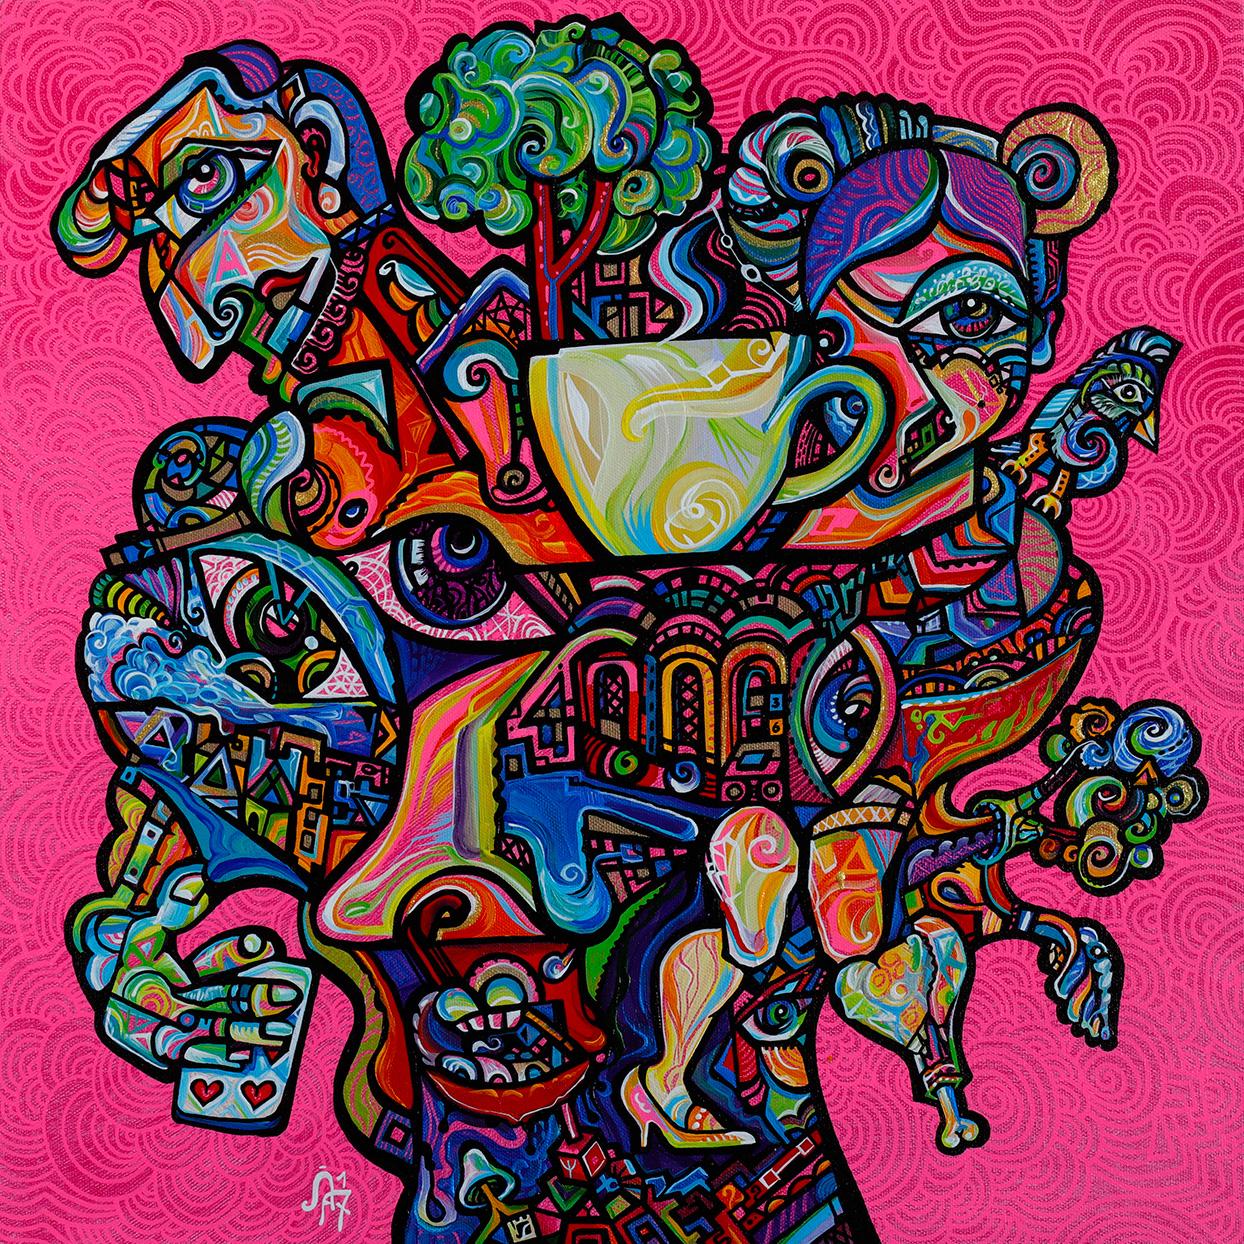 Artist Talk: Alexander Arshansky